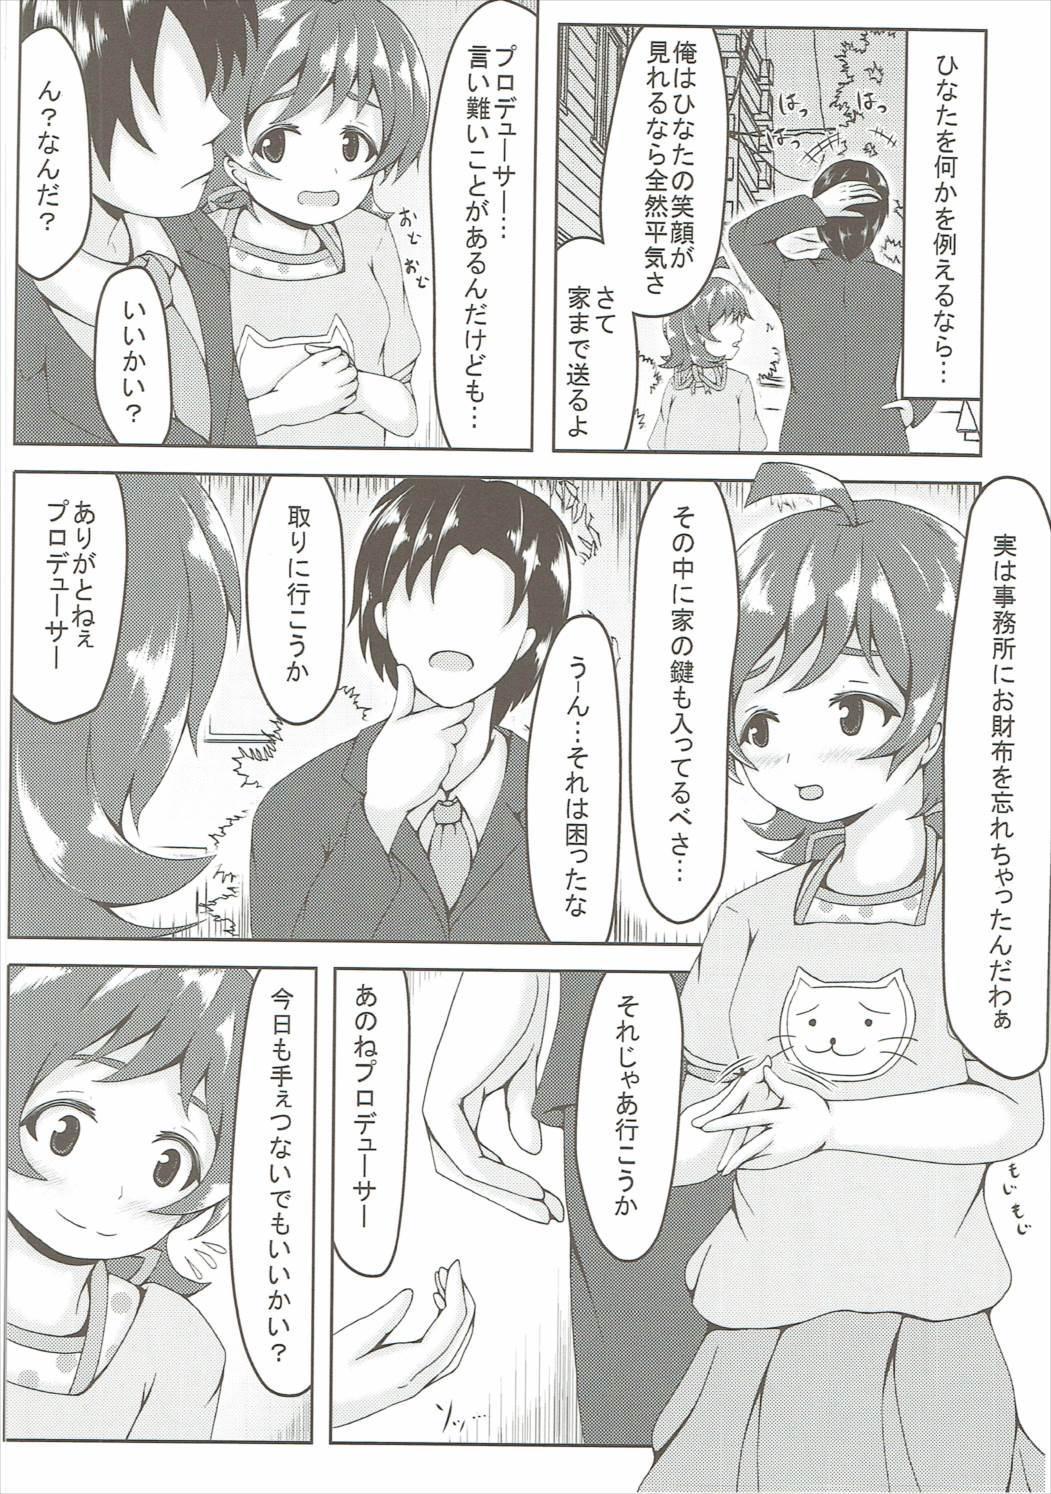 Koi Suru Taiyou no Hana 2